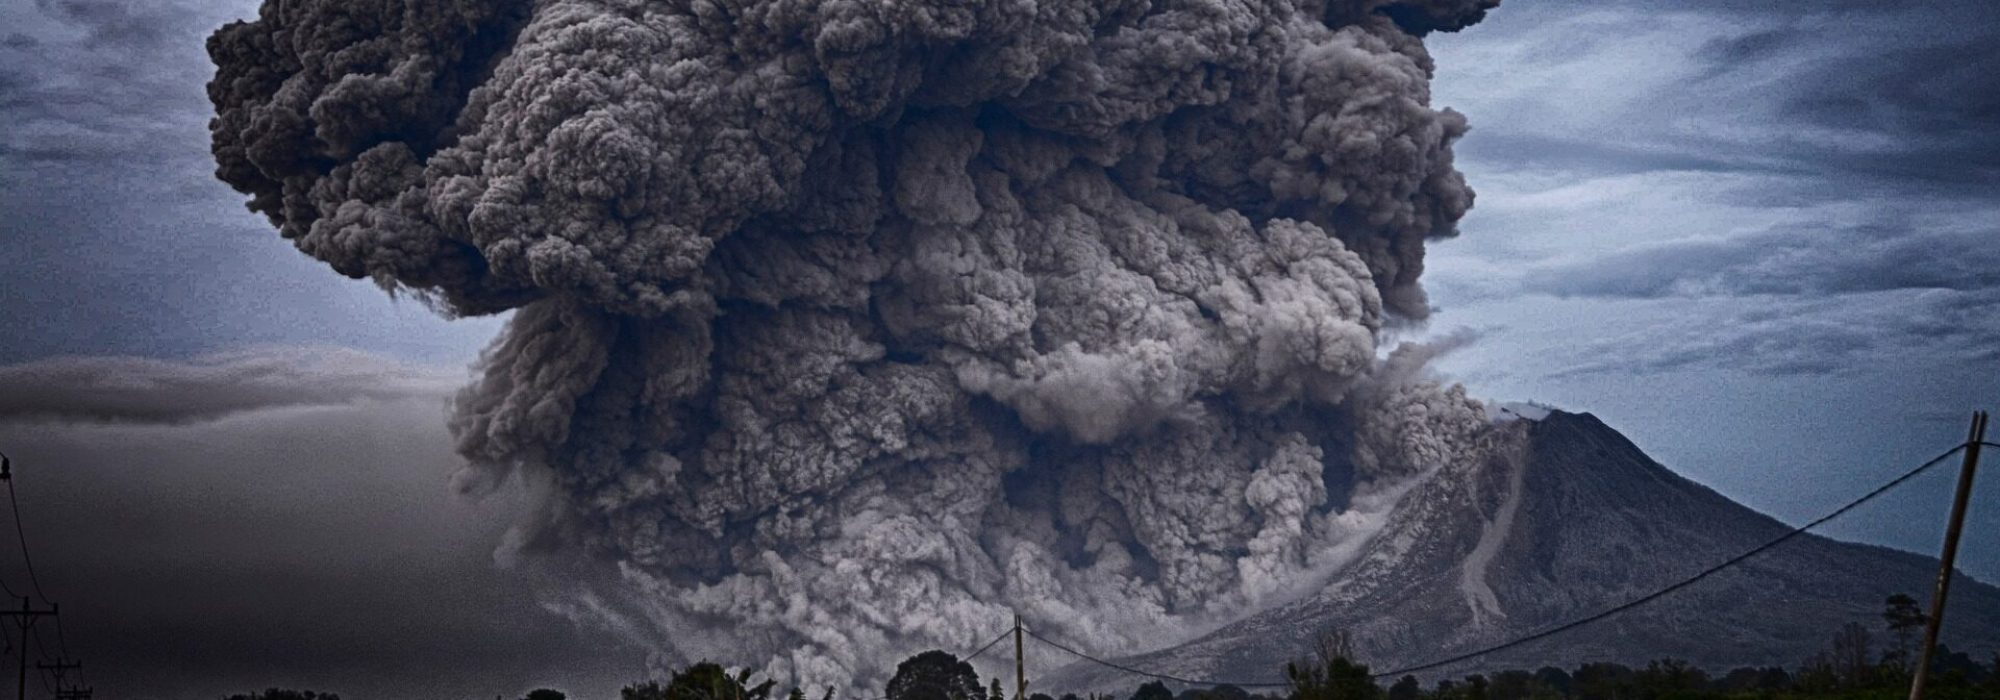 volcano-2604799_1920